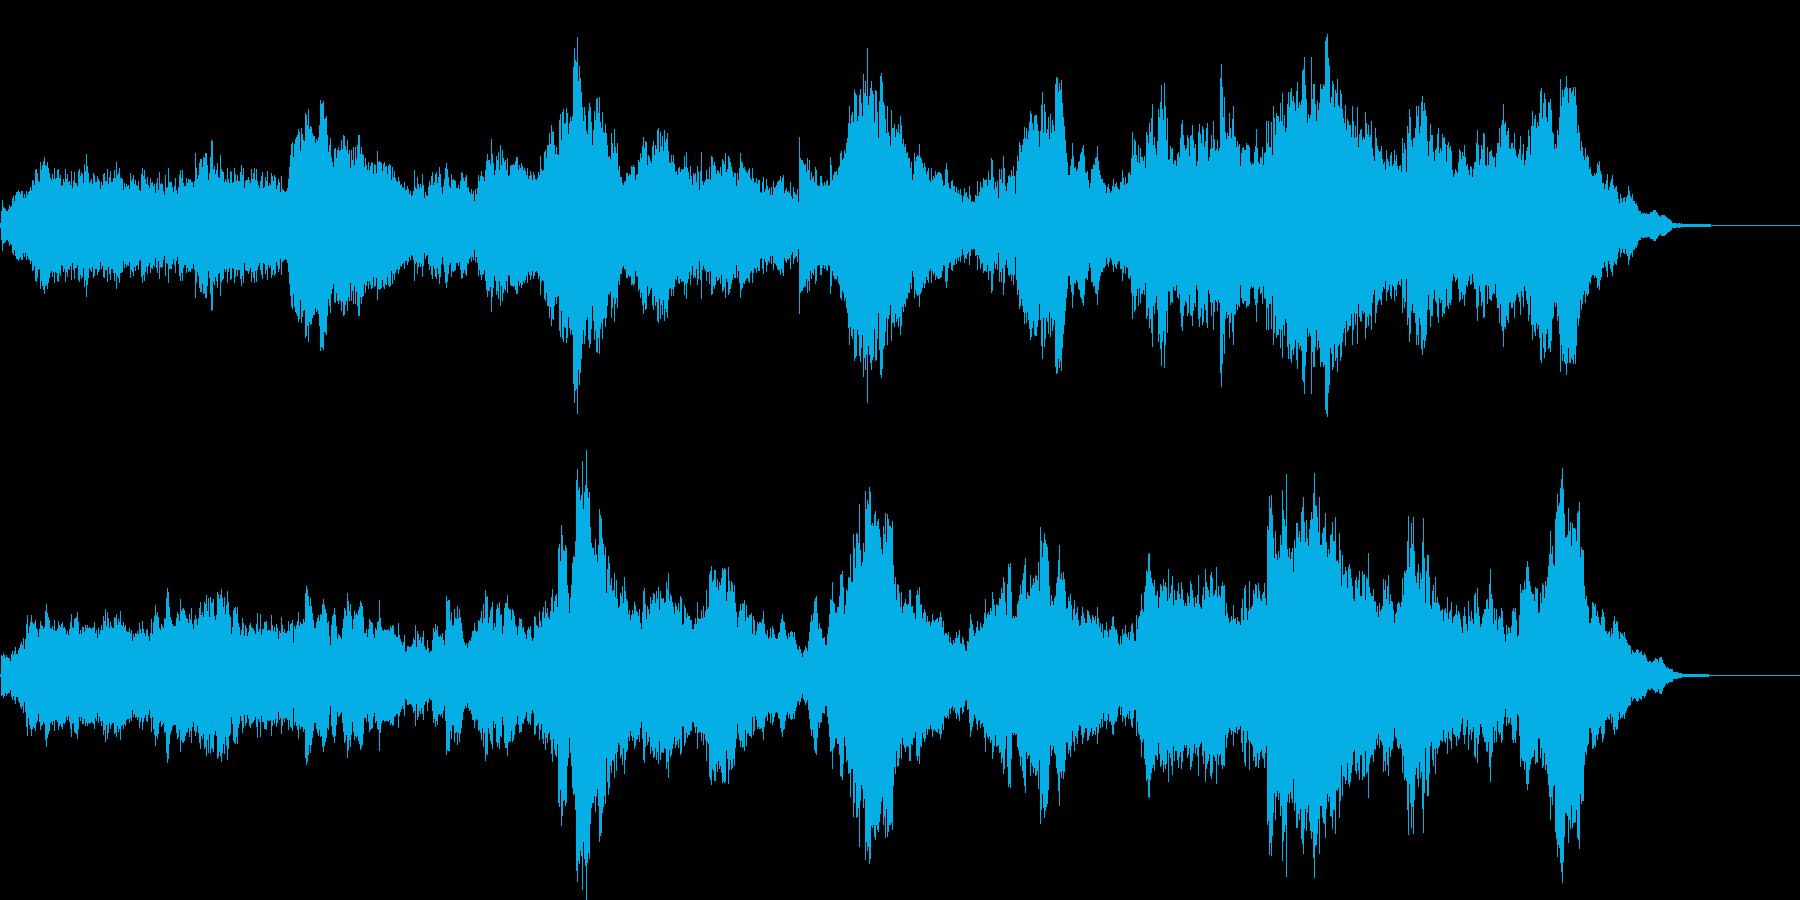 幻想的でダークなアンビエント曲の再生済みの波形